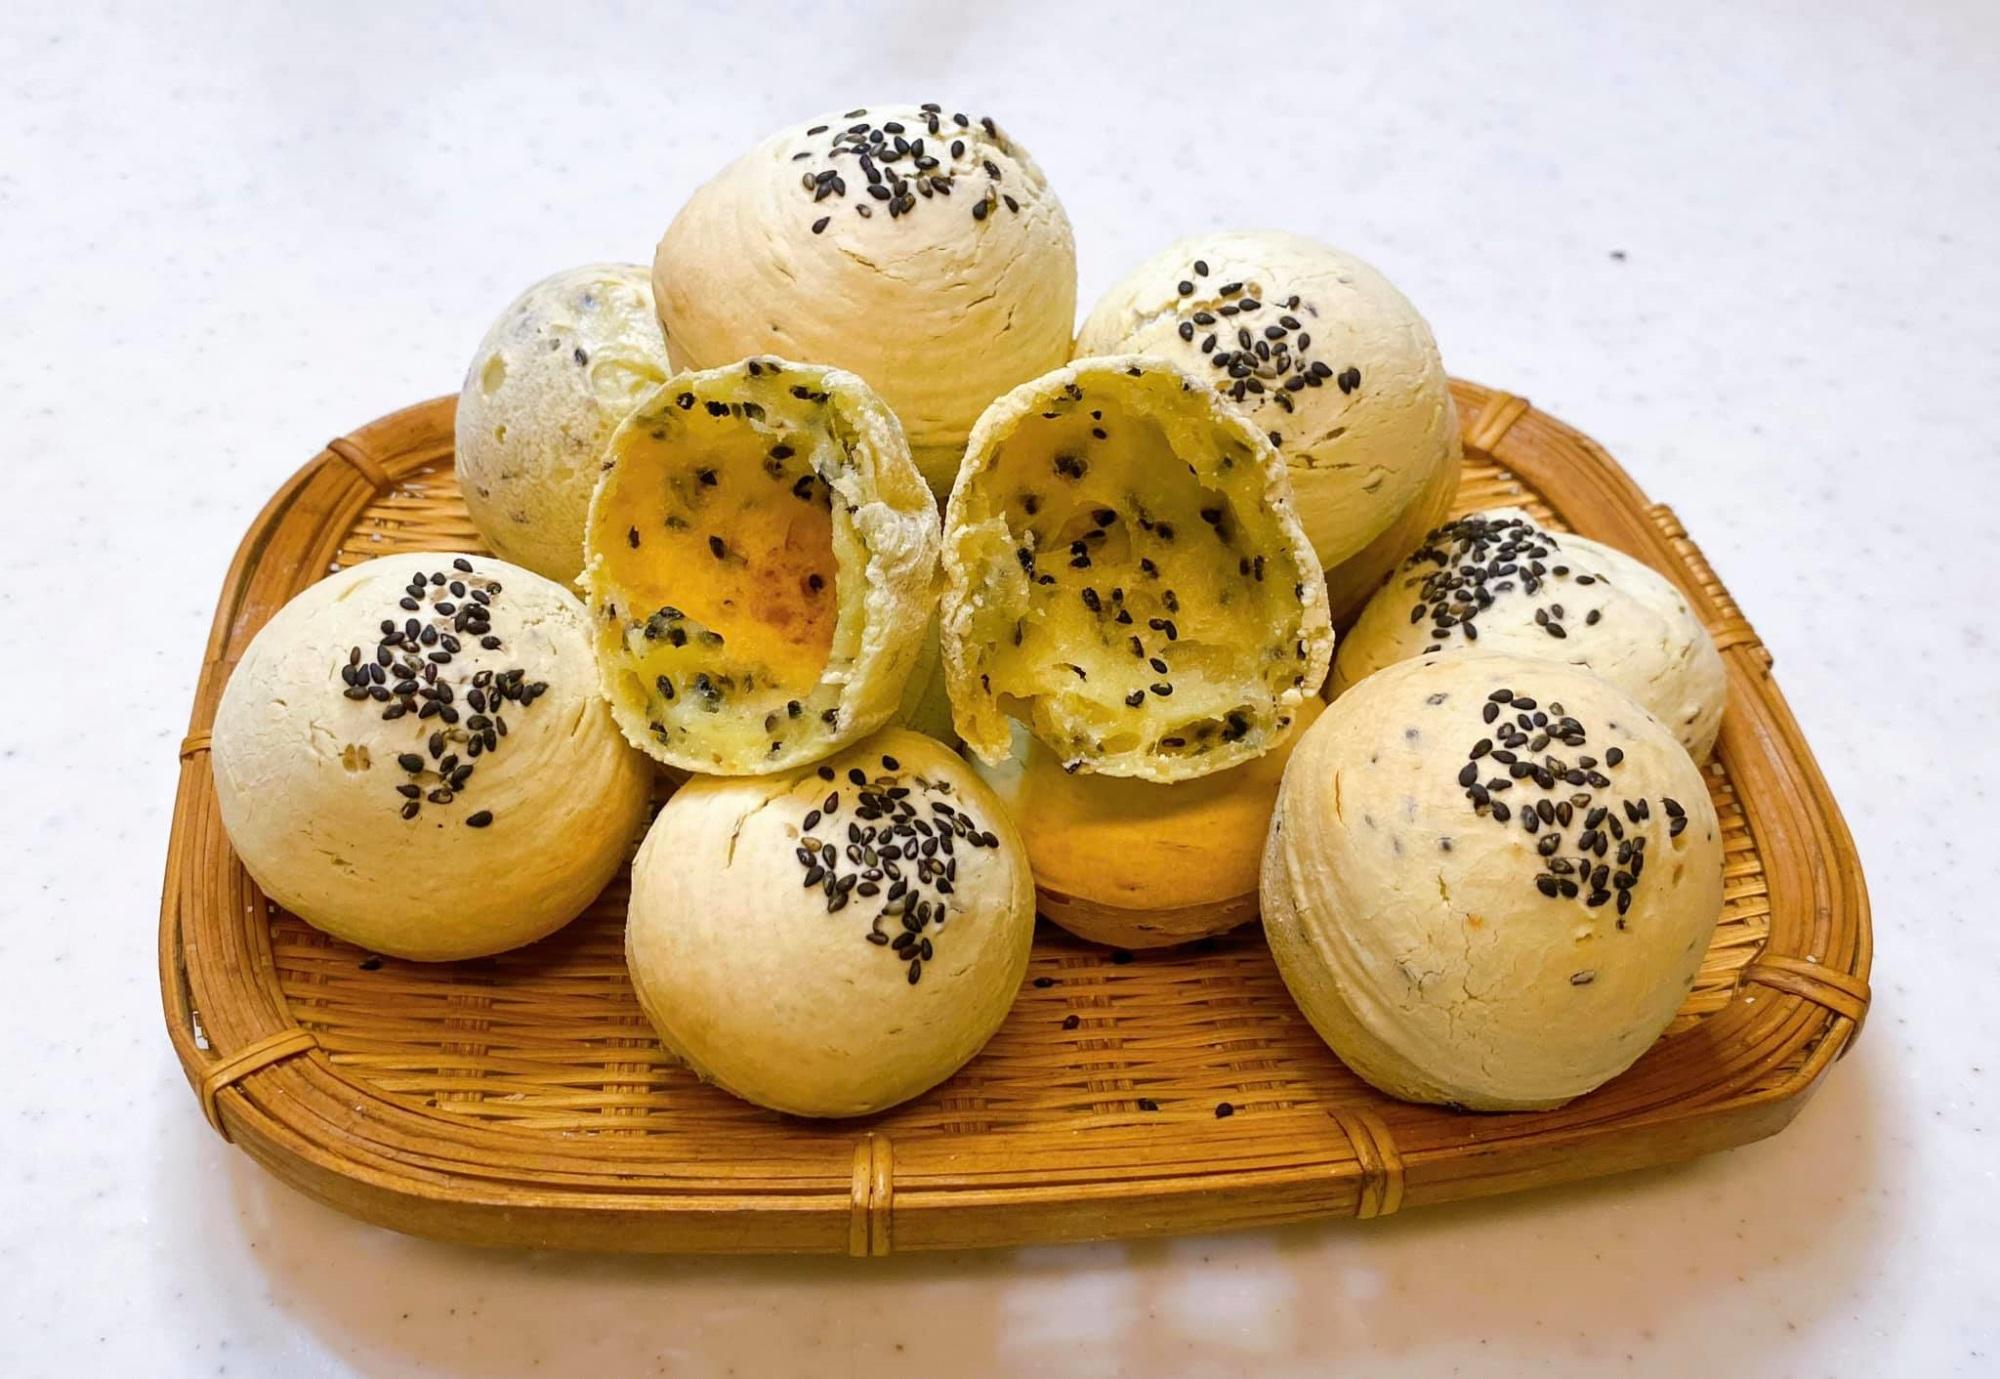 Bánh mì mè Hàn Quốc, không cần nhồi bột, không men nở mà lại ngon 'quên sầu' - Ảnh 1